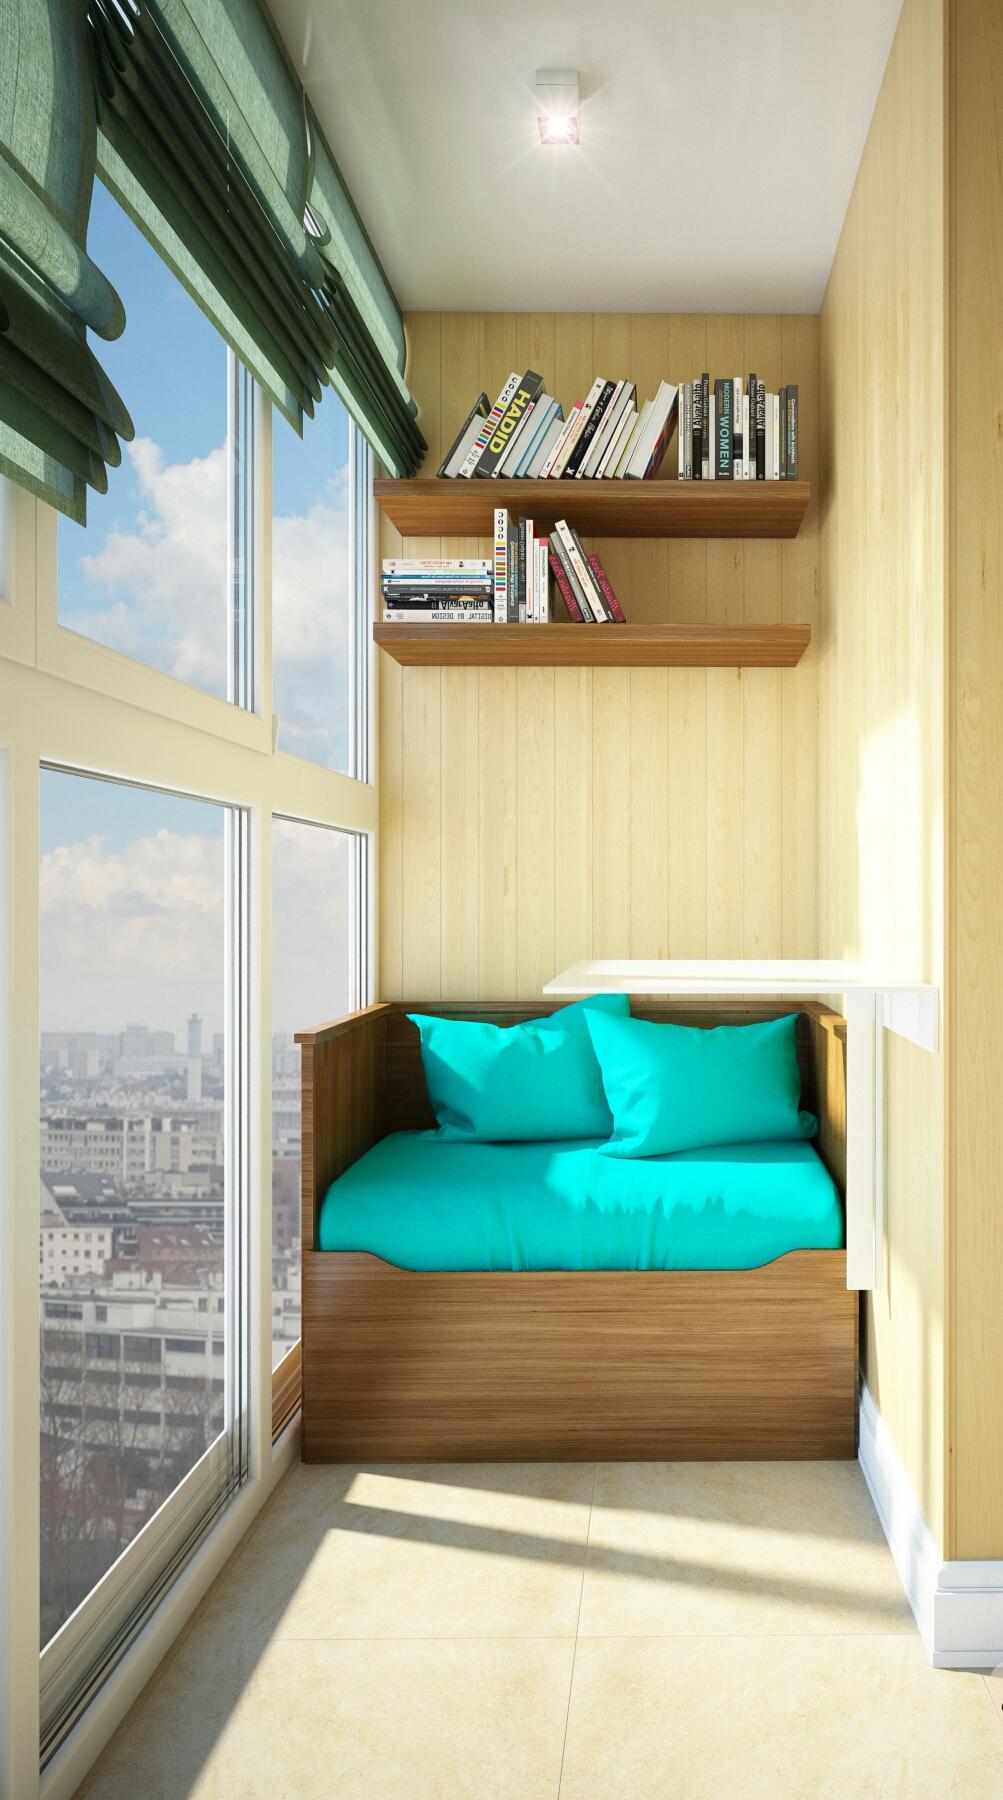 Компания дизайн балкон. - окна из пластика - каталог статей .